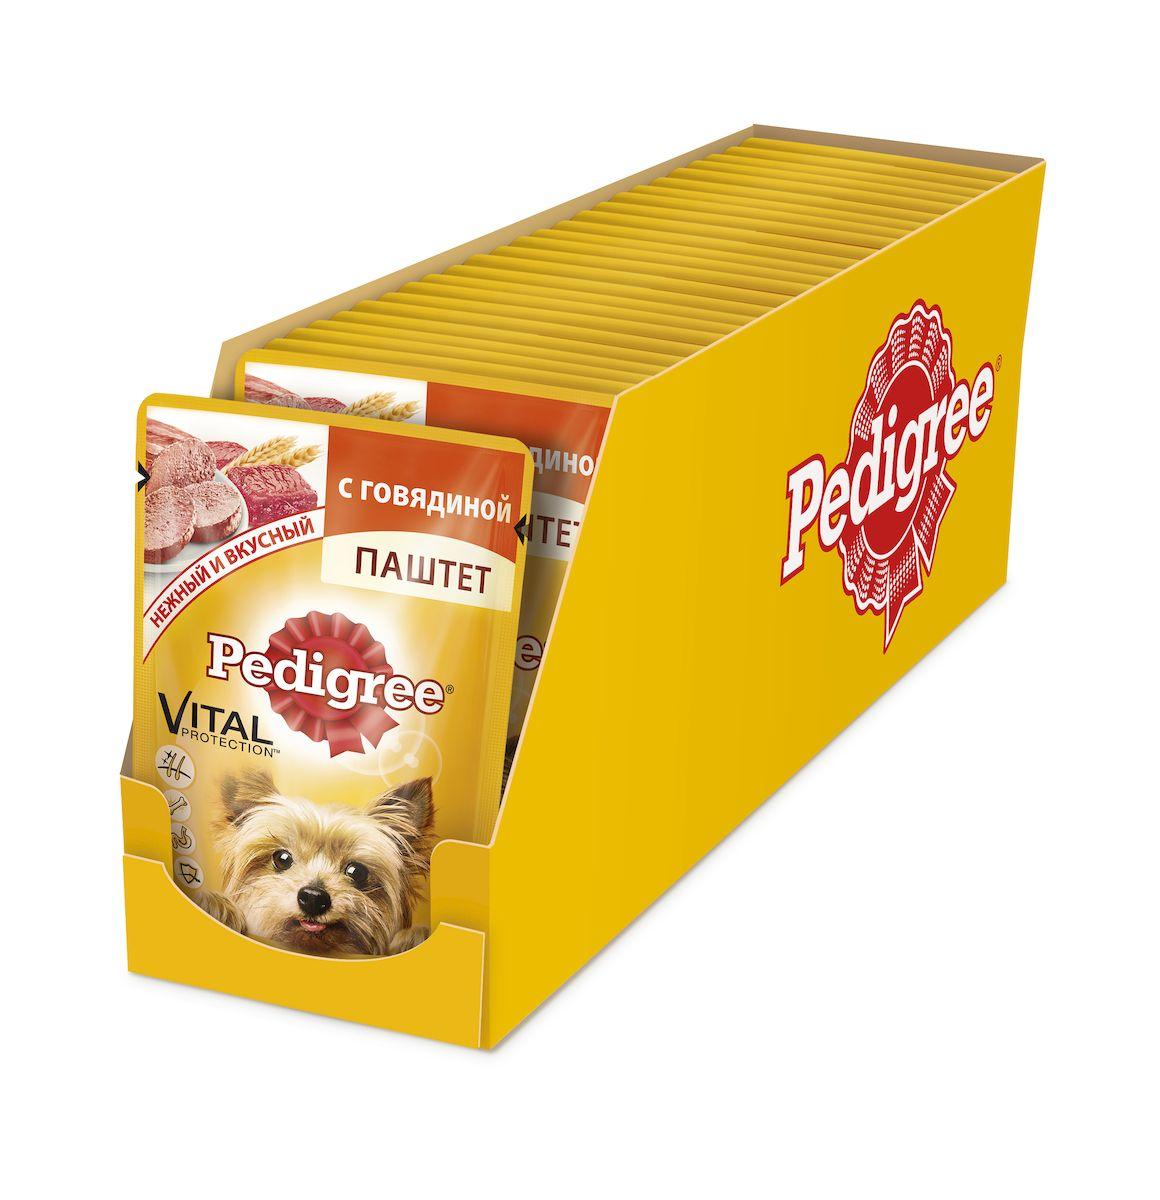 Консервы Pedigree для собак мелких пород от 1 года, паштет с говядиной, 80 г х 24 шт41398Консервы Pedigree – это не просто вкусный паштет с говядиной, но и полезный, оптимально сбалансированный рацион. Он обеспечивает организм собаки витаминами и микроэлементами, необходимыми ей для здоровья и активной жизни. Не содержит ароматизаторов, усилителей вкуса, сои и консервантов, искусственных красителей. Ключевые преимущества: Поддержка иммунной системы: Витамин E и цинк поддерживают иммунную систему. Здоровье костей: Содержит кальций для поддержания здоровья костей. Здоровье кожи и шерсти: Линолевая кислота и цинк необходимы для здоровья кожи и шерсти. Отличное пищеварение: Высокоусвояемые ингредиенты и клетчатка для оптимального пищеварения. Состав: мясо и субпродукты (в том числе говядина минимум 4%), клетчатка, минеральные вещества, растительное масло, витамины. Пищевая ценность (100 г): белки – 7,0 г; жиры – 3,5 г; зола – 1,0 г; клетчатка – 0,6 г; влага – 85 г; кальций – не менее 0,1 г; цинк...